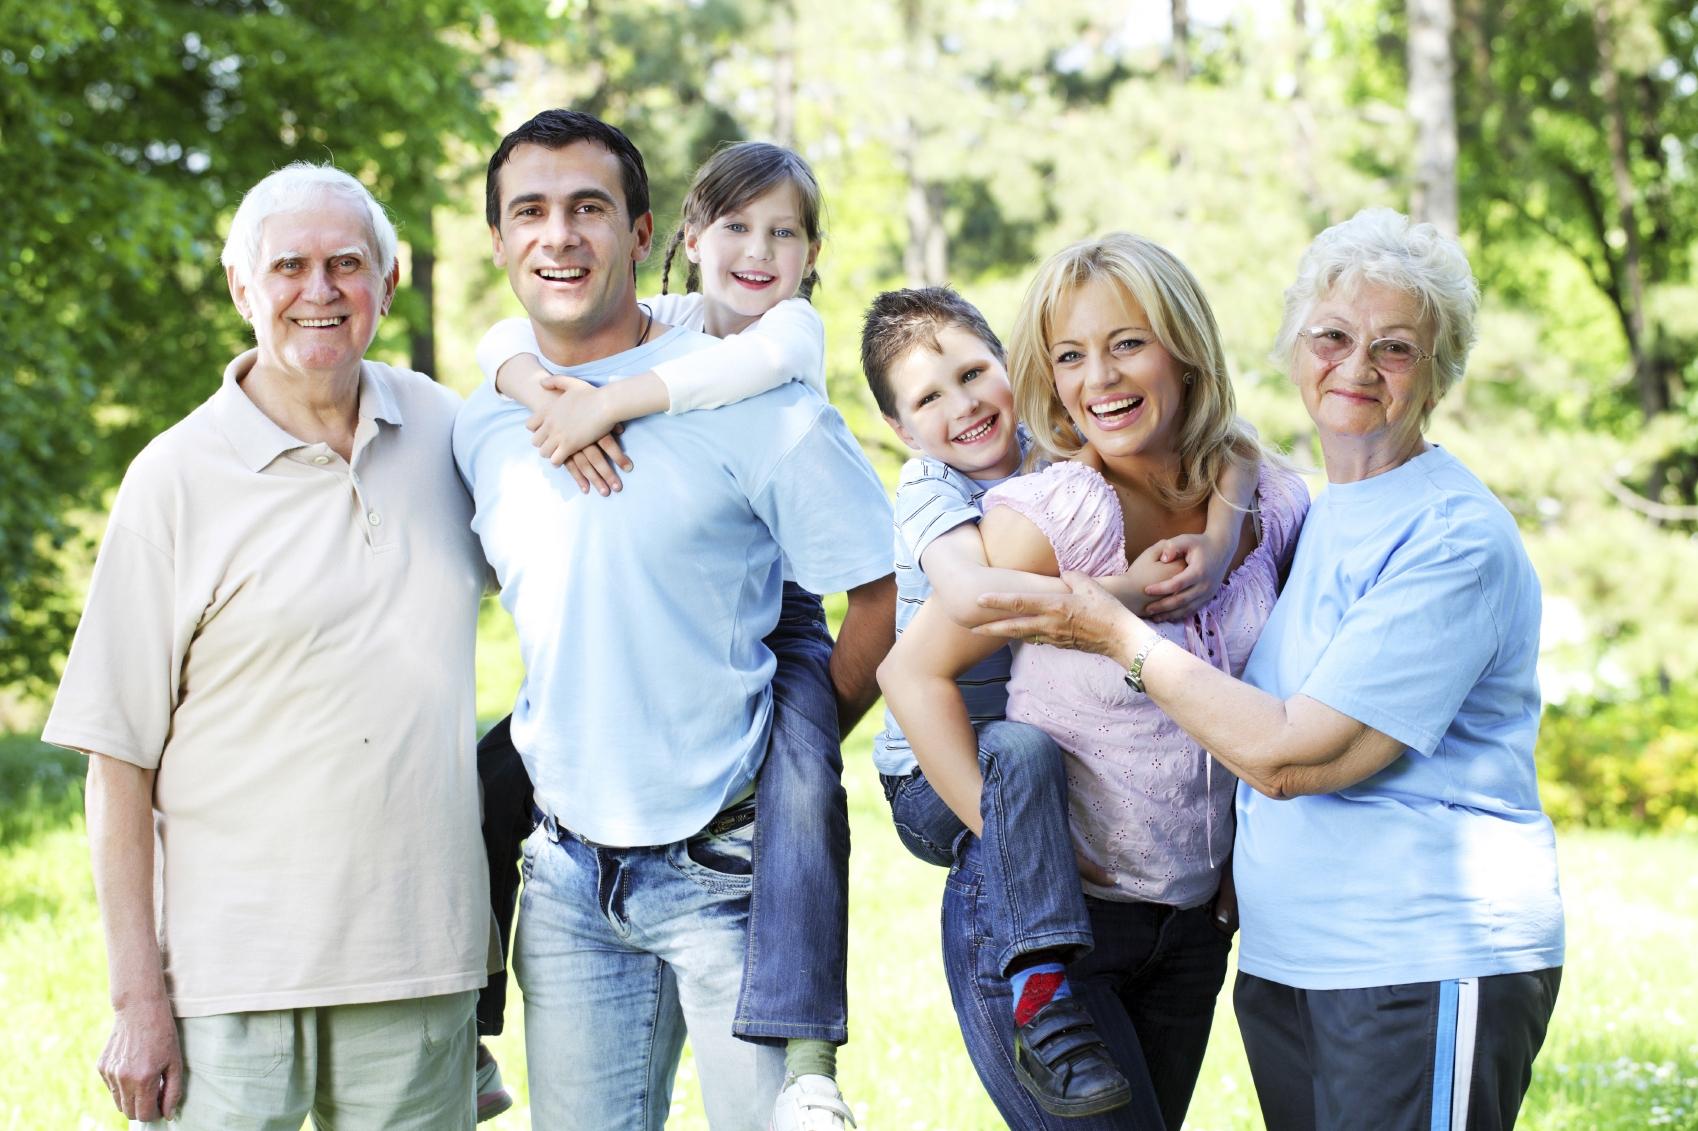 Rapporto Figli Genitori Ideale